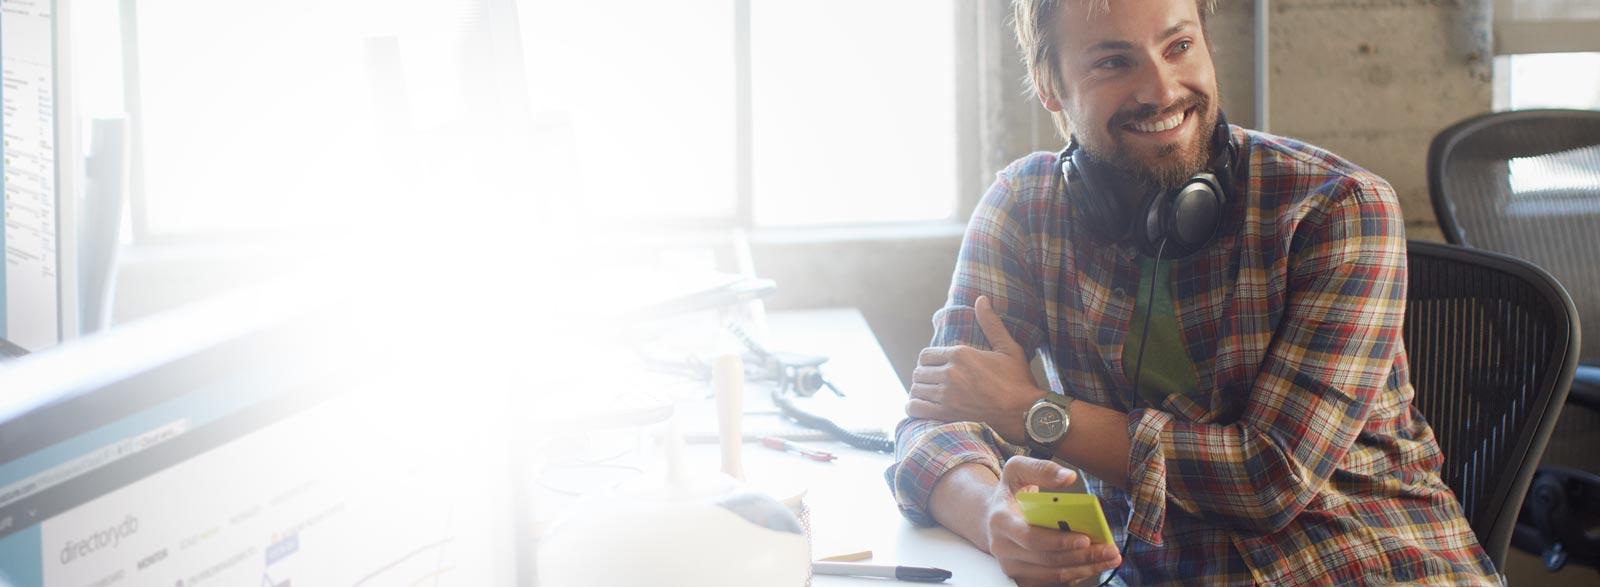 Pridobite najnovejše storitve za produktivnost in sodelovanje s storitvijo Office 365 Enterprise E1.